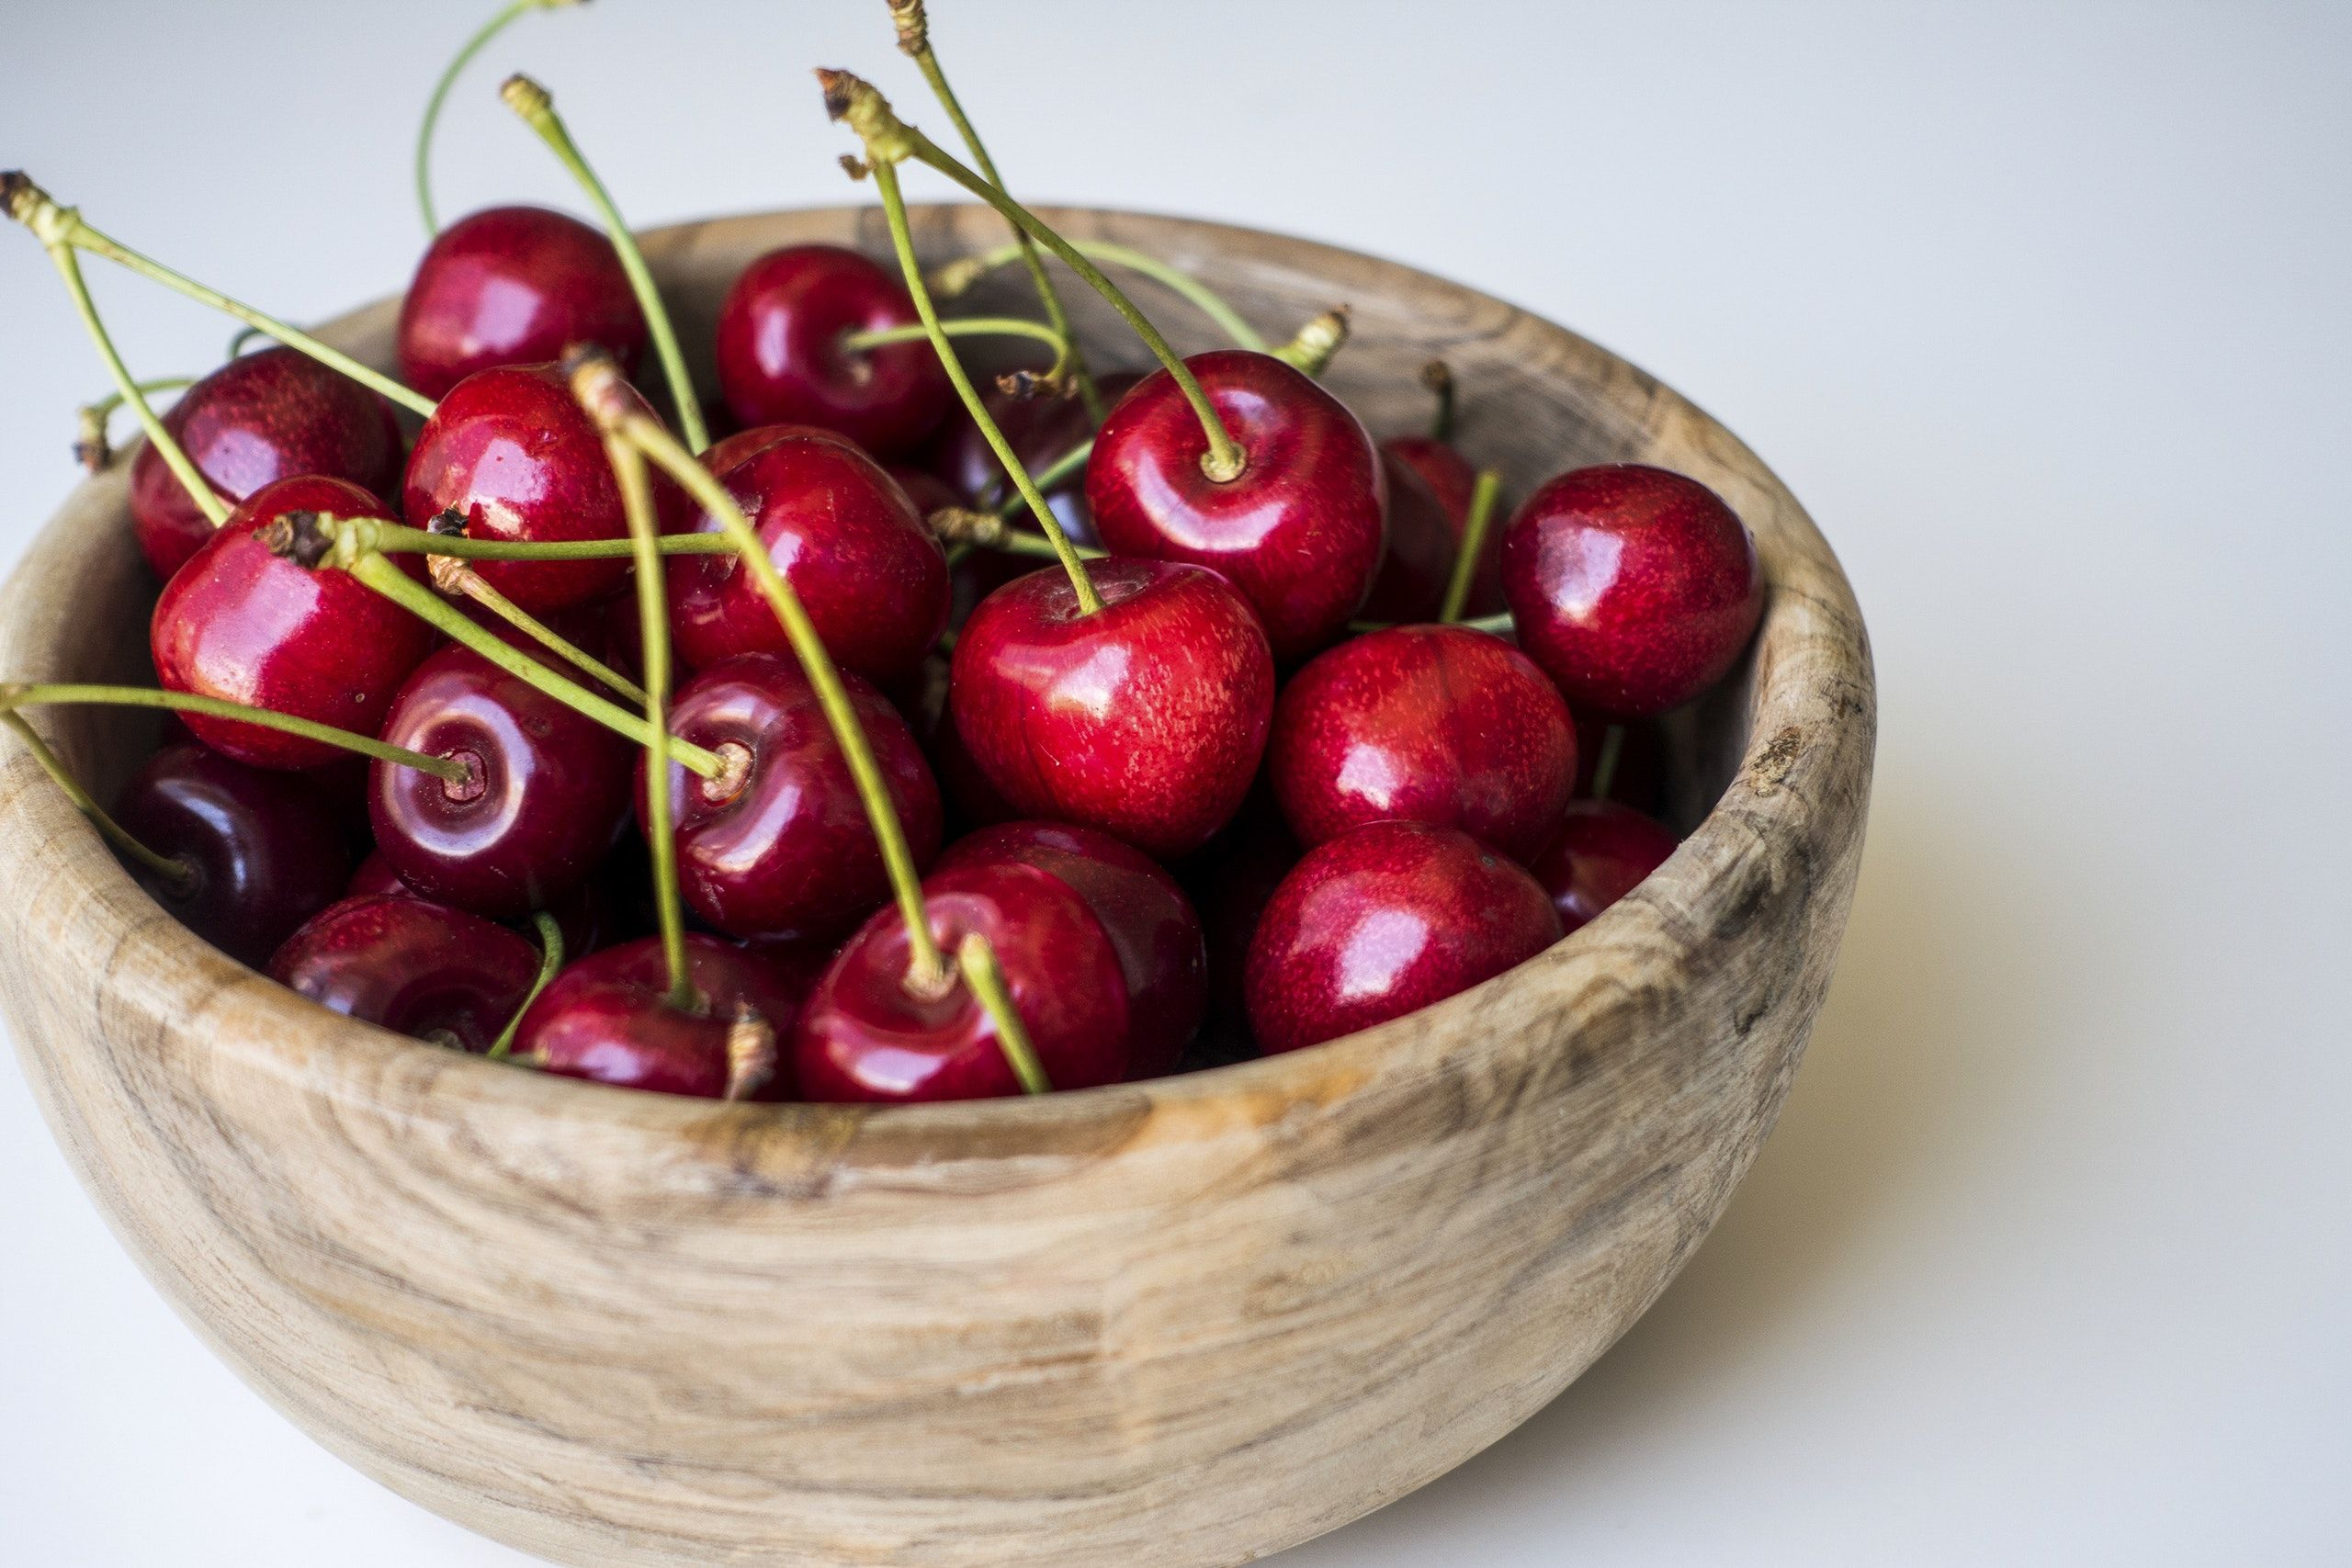 Fresh Cherries In A Bowl Free Image By Rawpixel Com Jakub Kapusnak